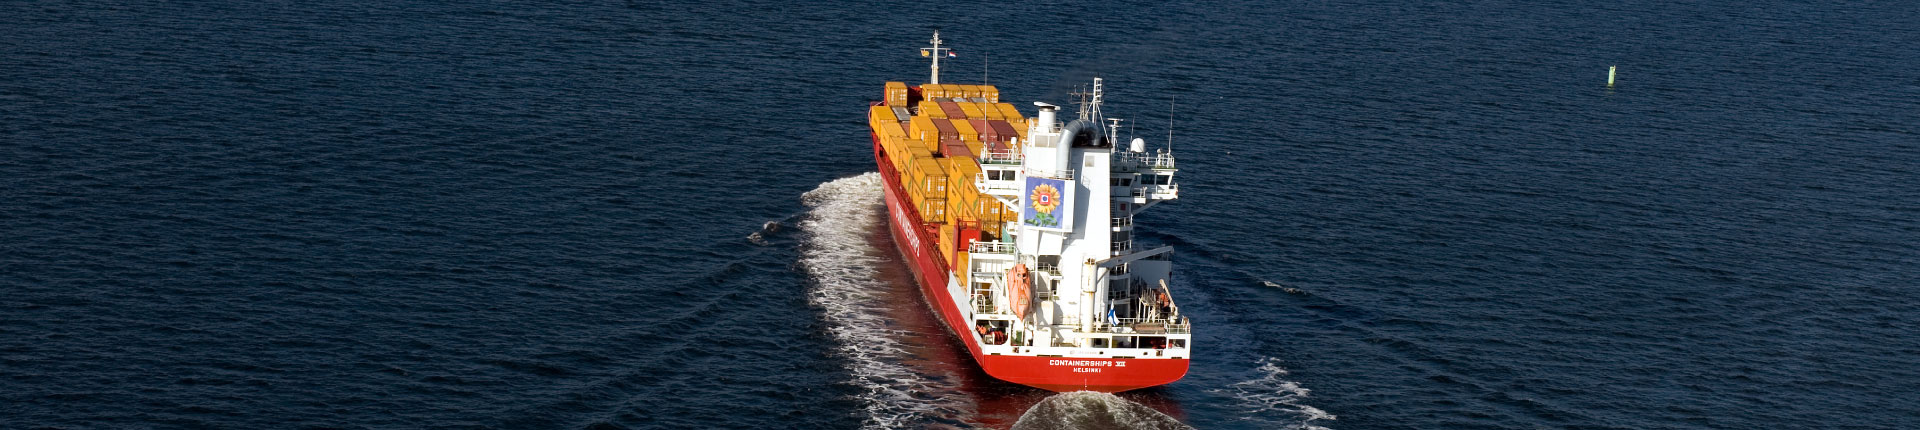 vessel search